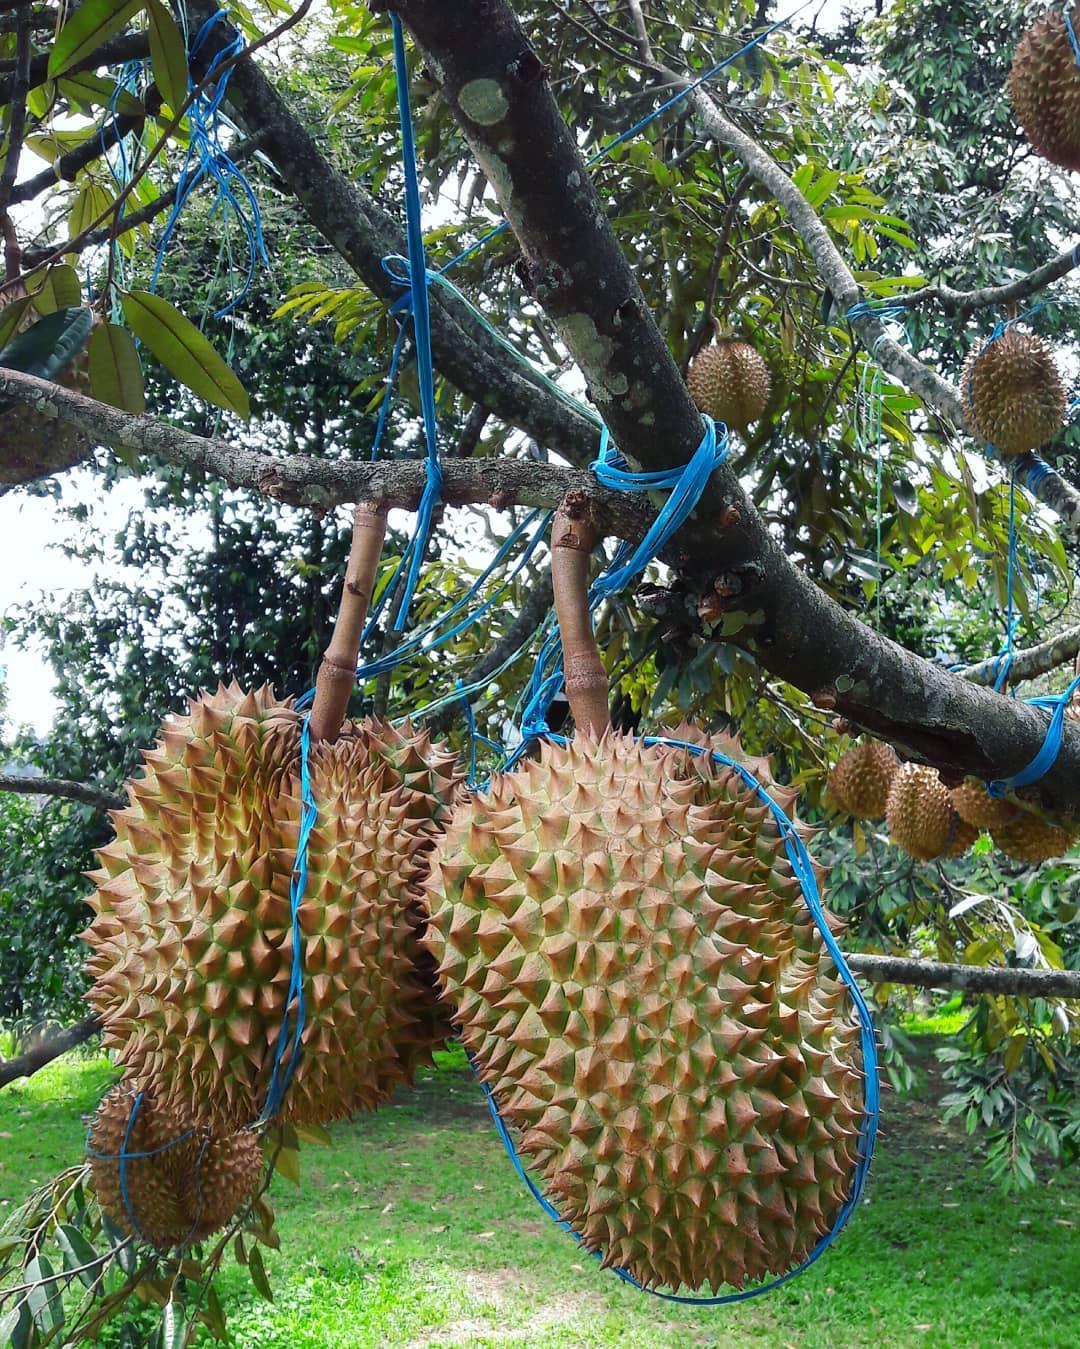 9 Tempat Wisata Keluarga dan Anak di Bogor 23